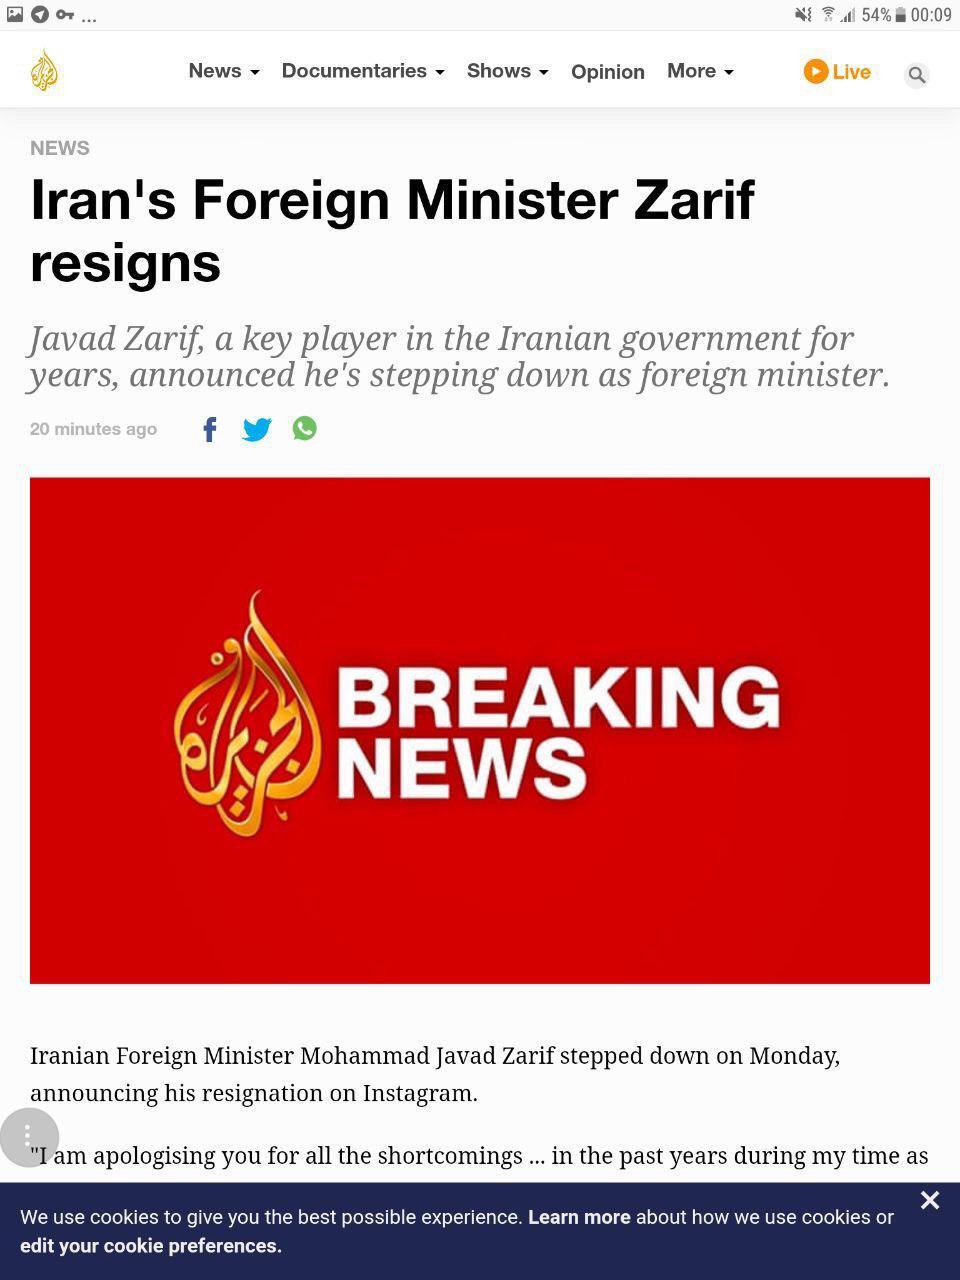 محمد جواد ظریف استعفا داد